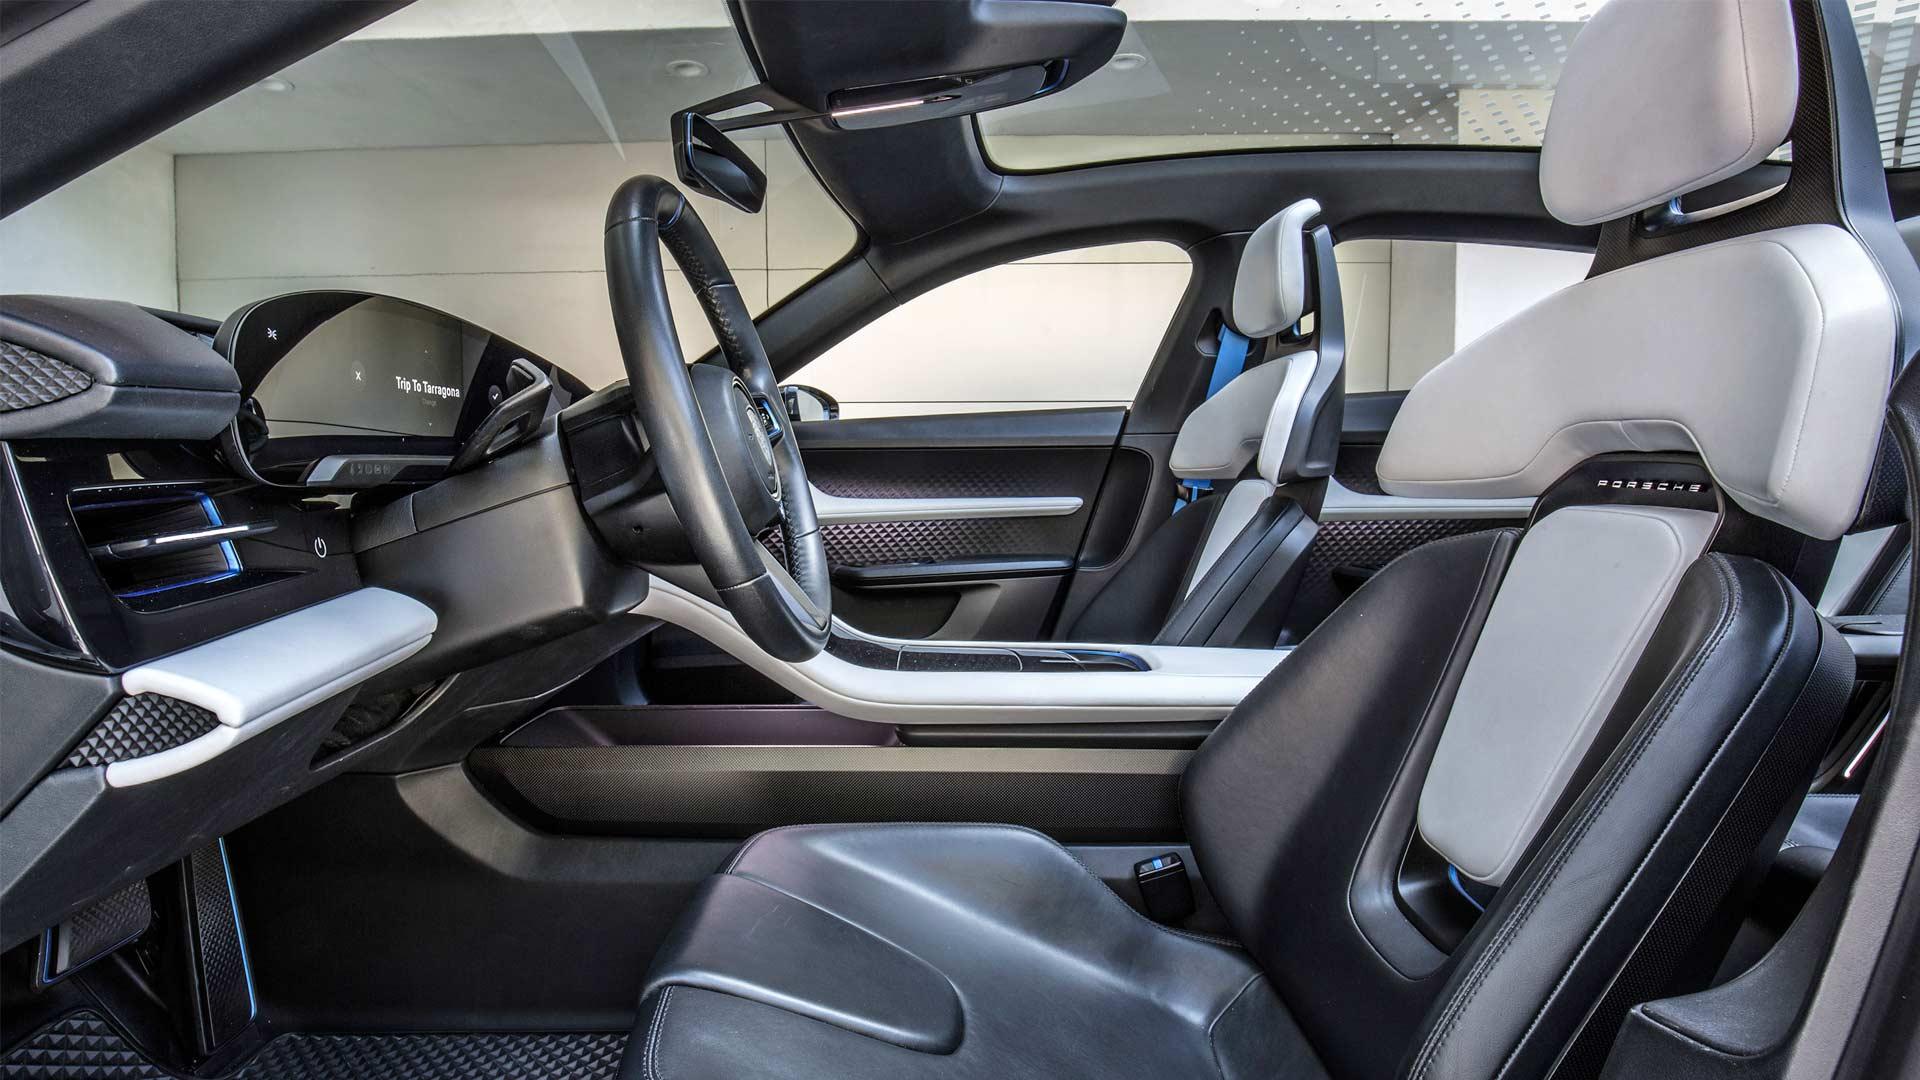 Porsche-Mission-E-Cross-Turismo-Interior-2018-California_2